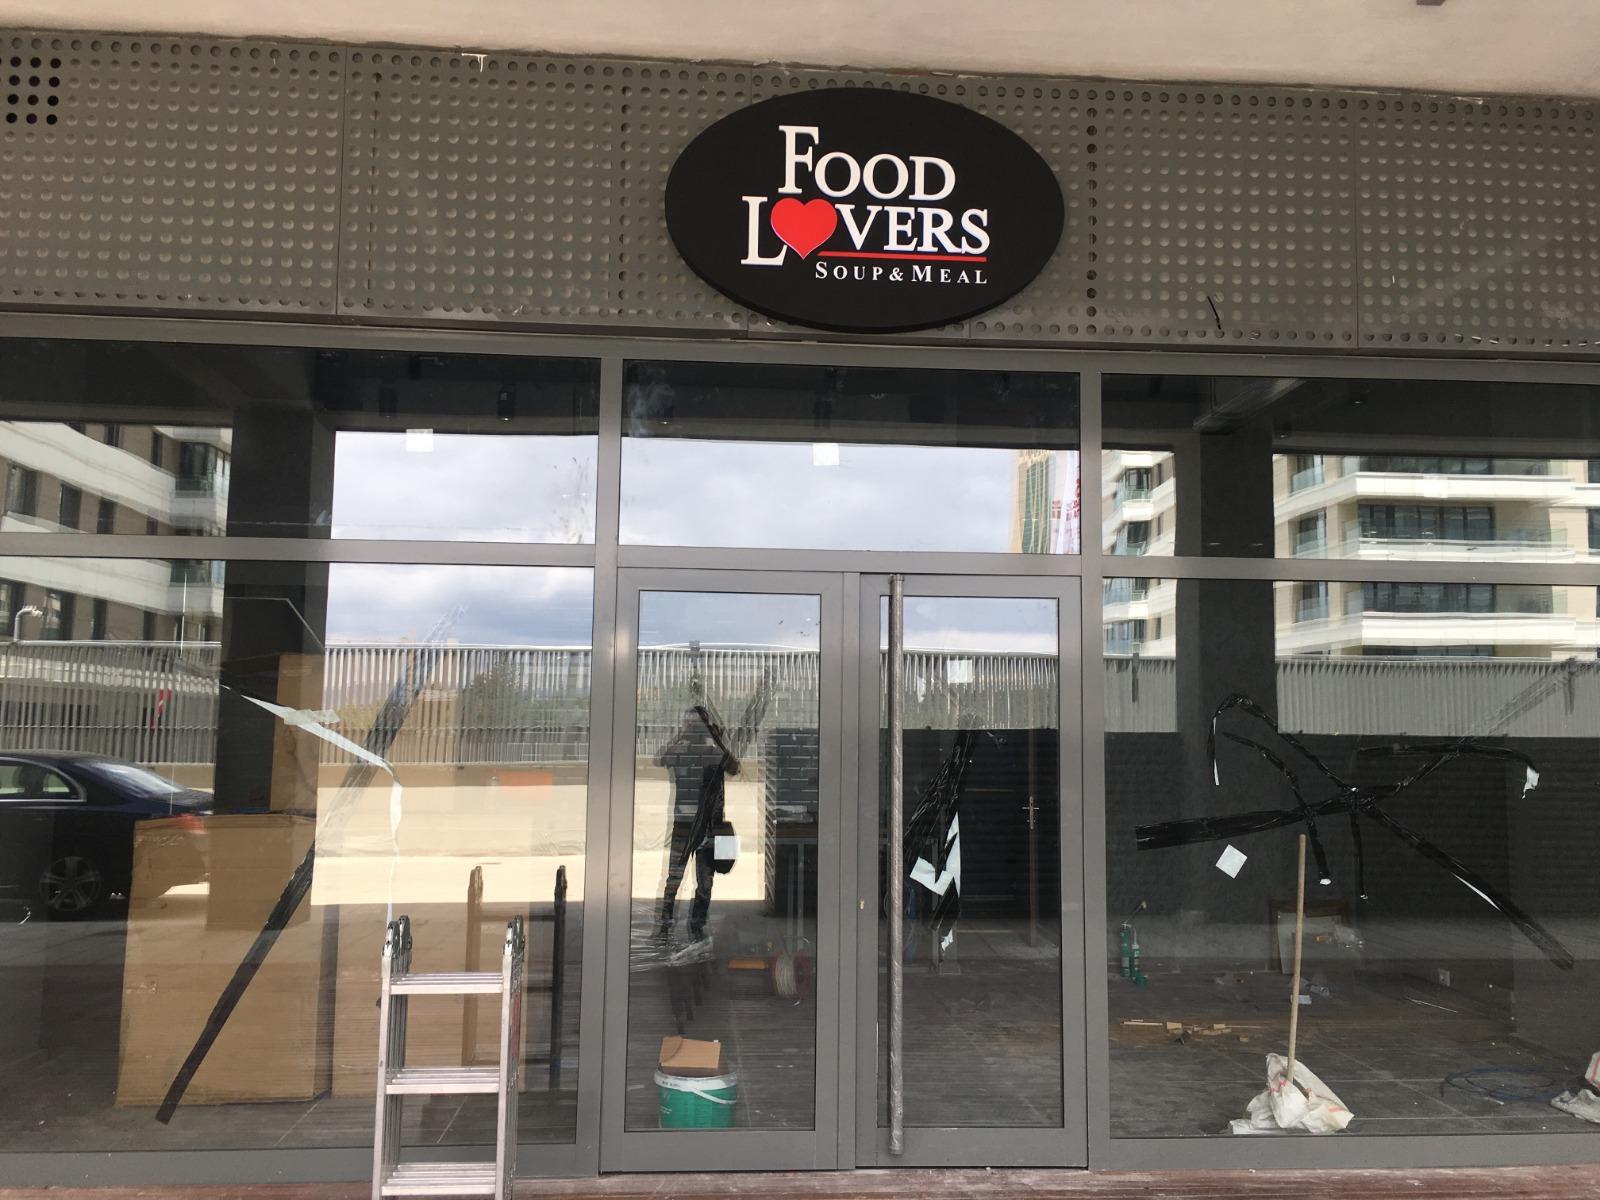 Mahall Ankara'da Food Lovers'ın Mekanik Tesisat Projesi Tamamlandı